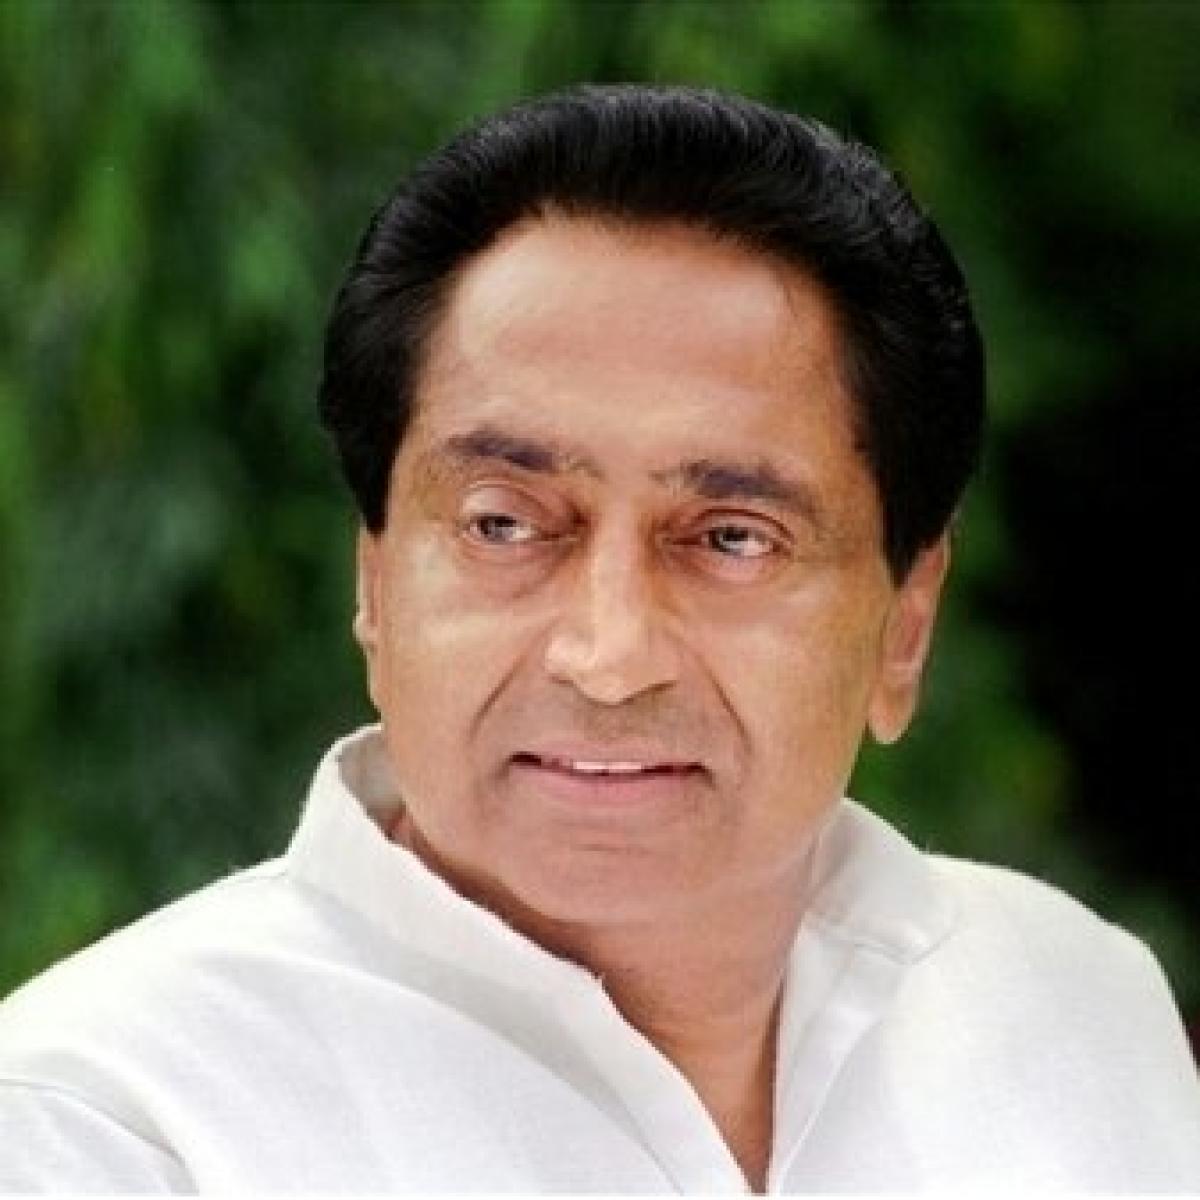 Kamal Nath